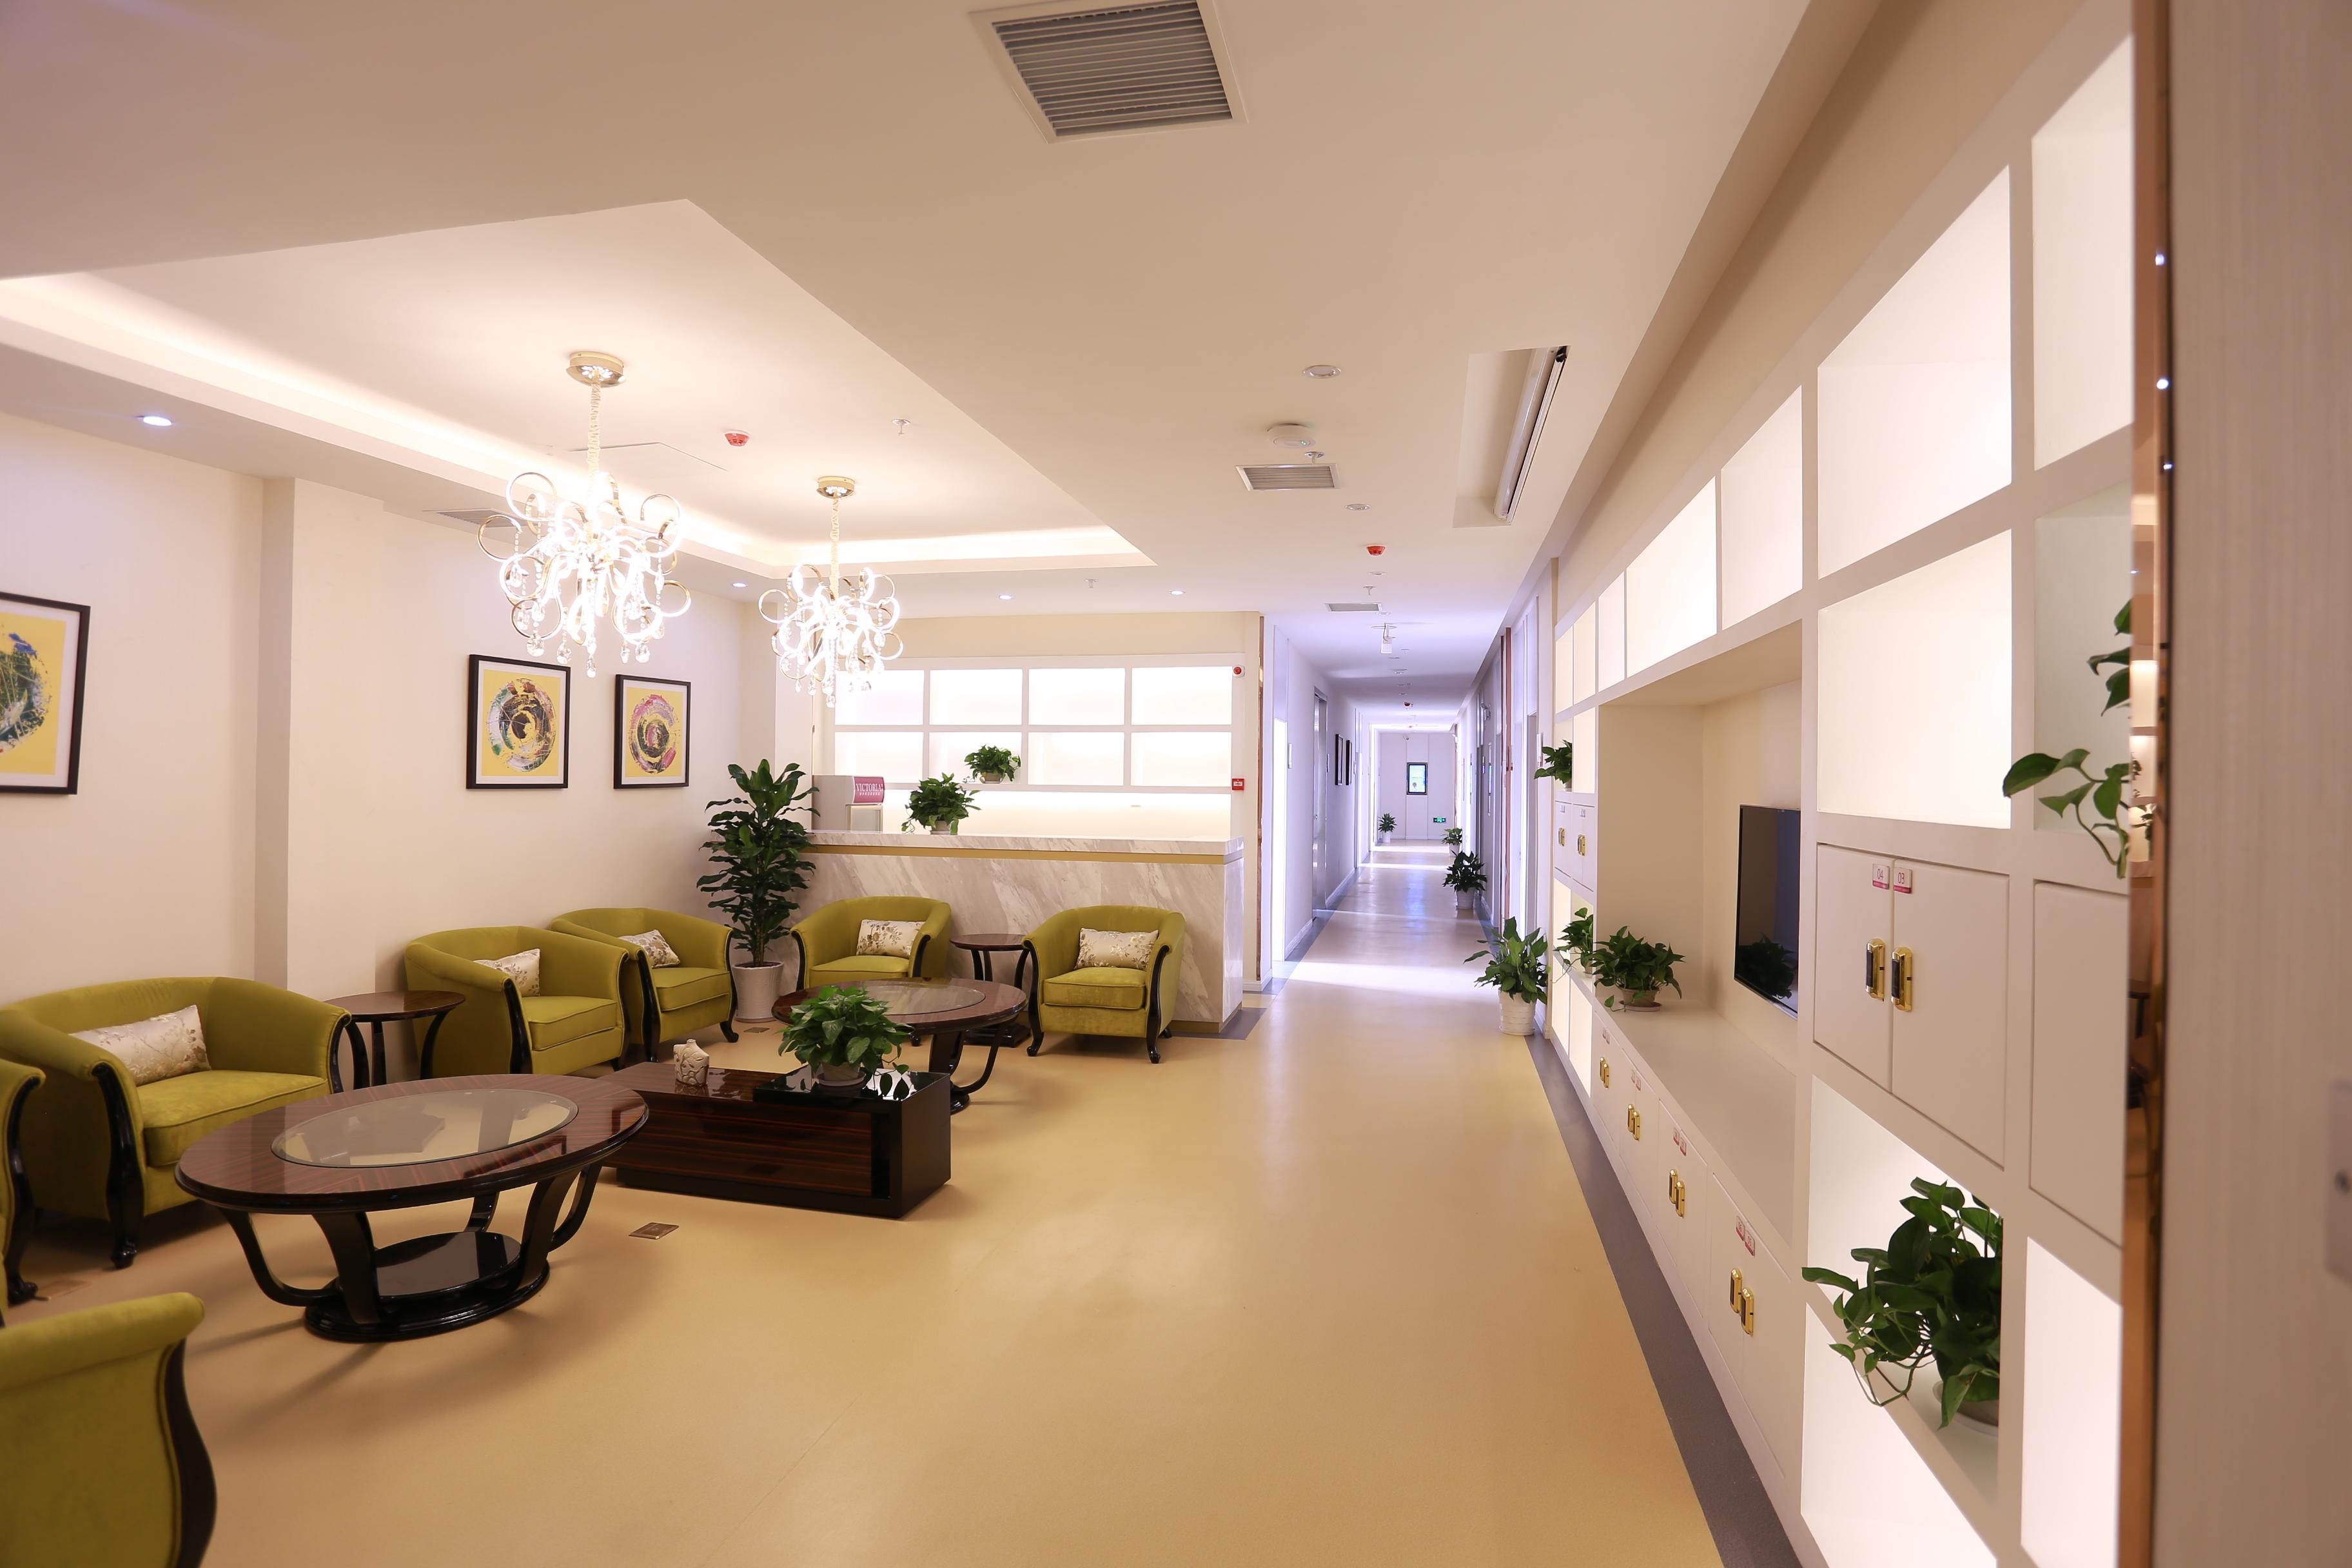 苏州维多利亚整形美容医院怎么样?